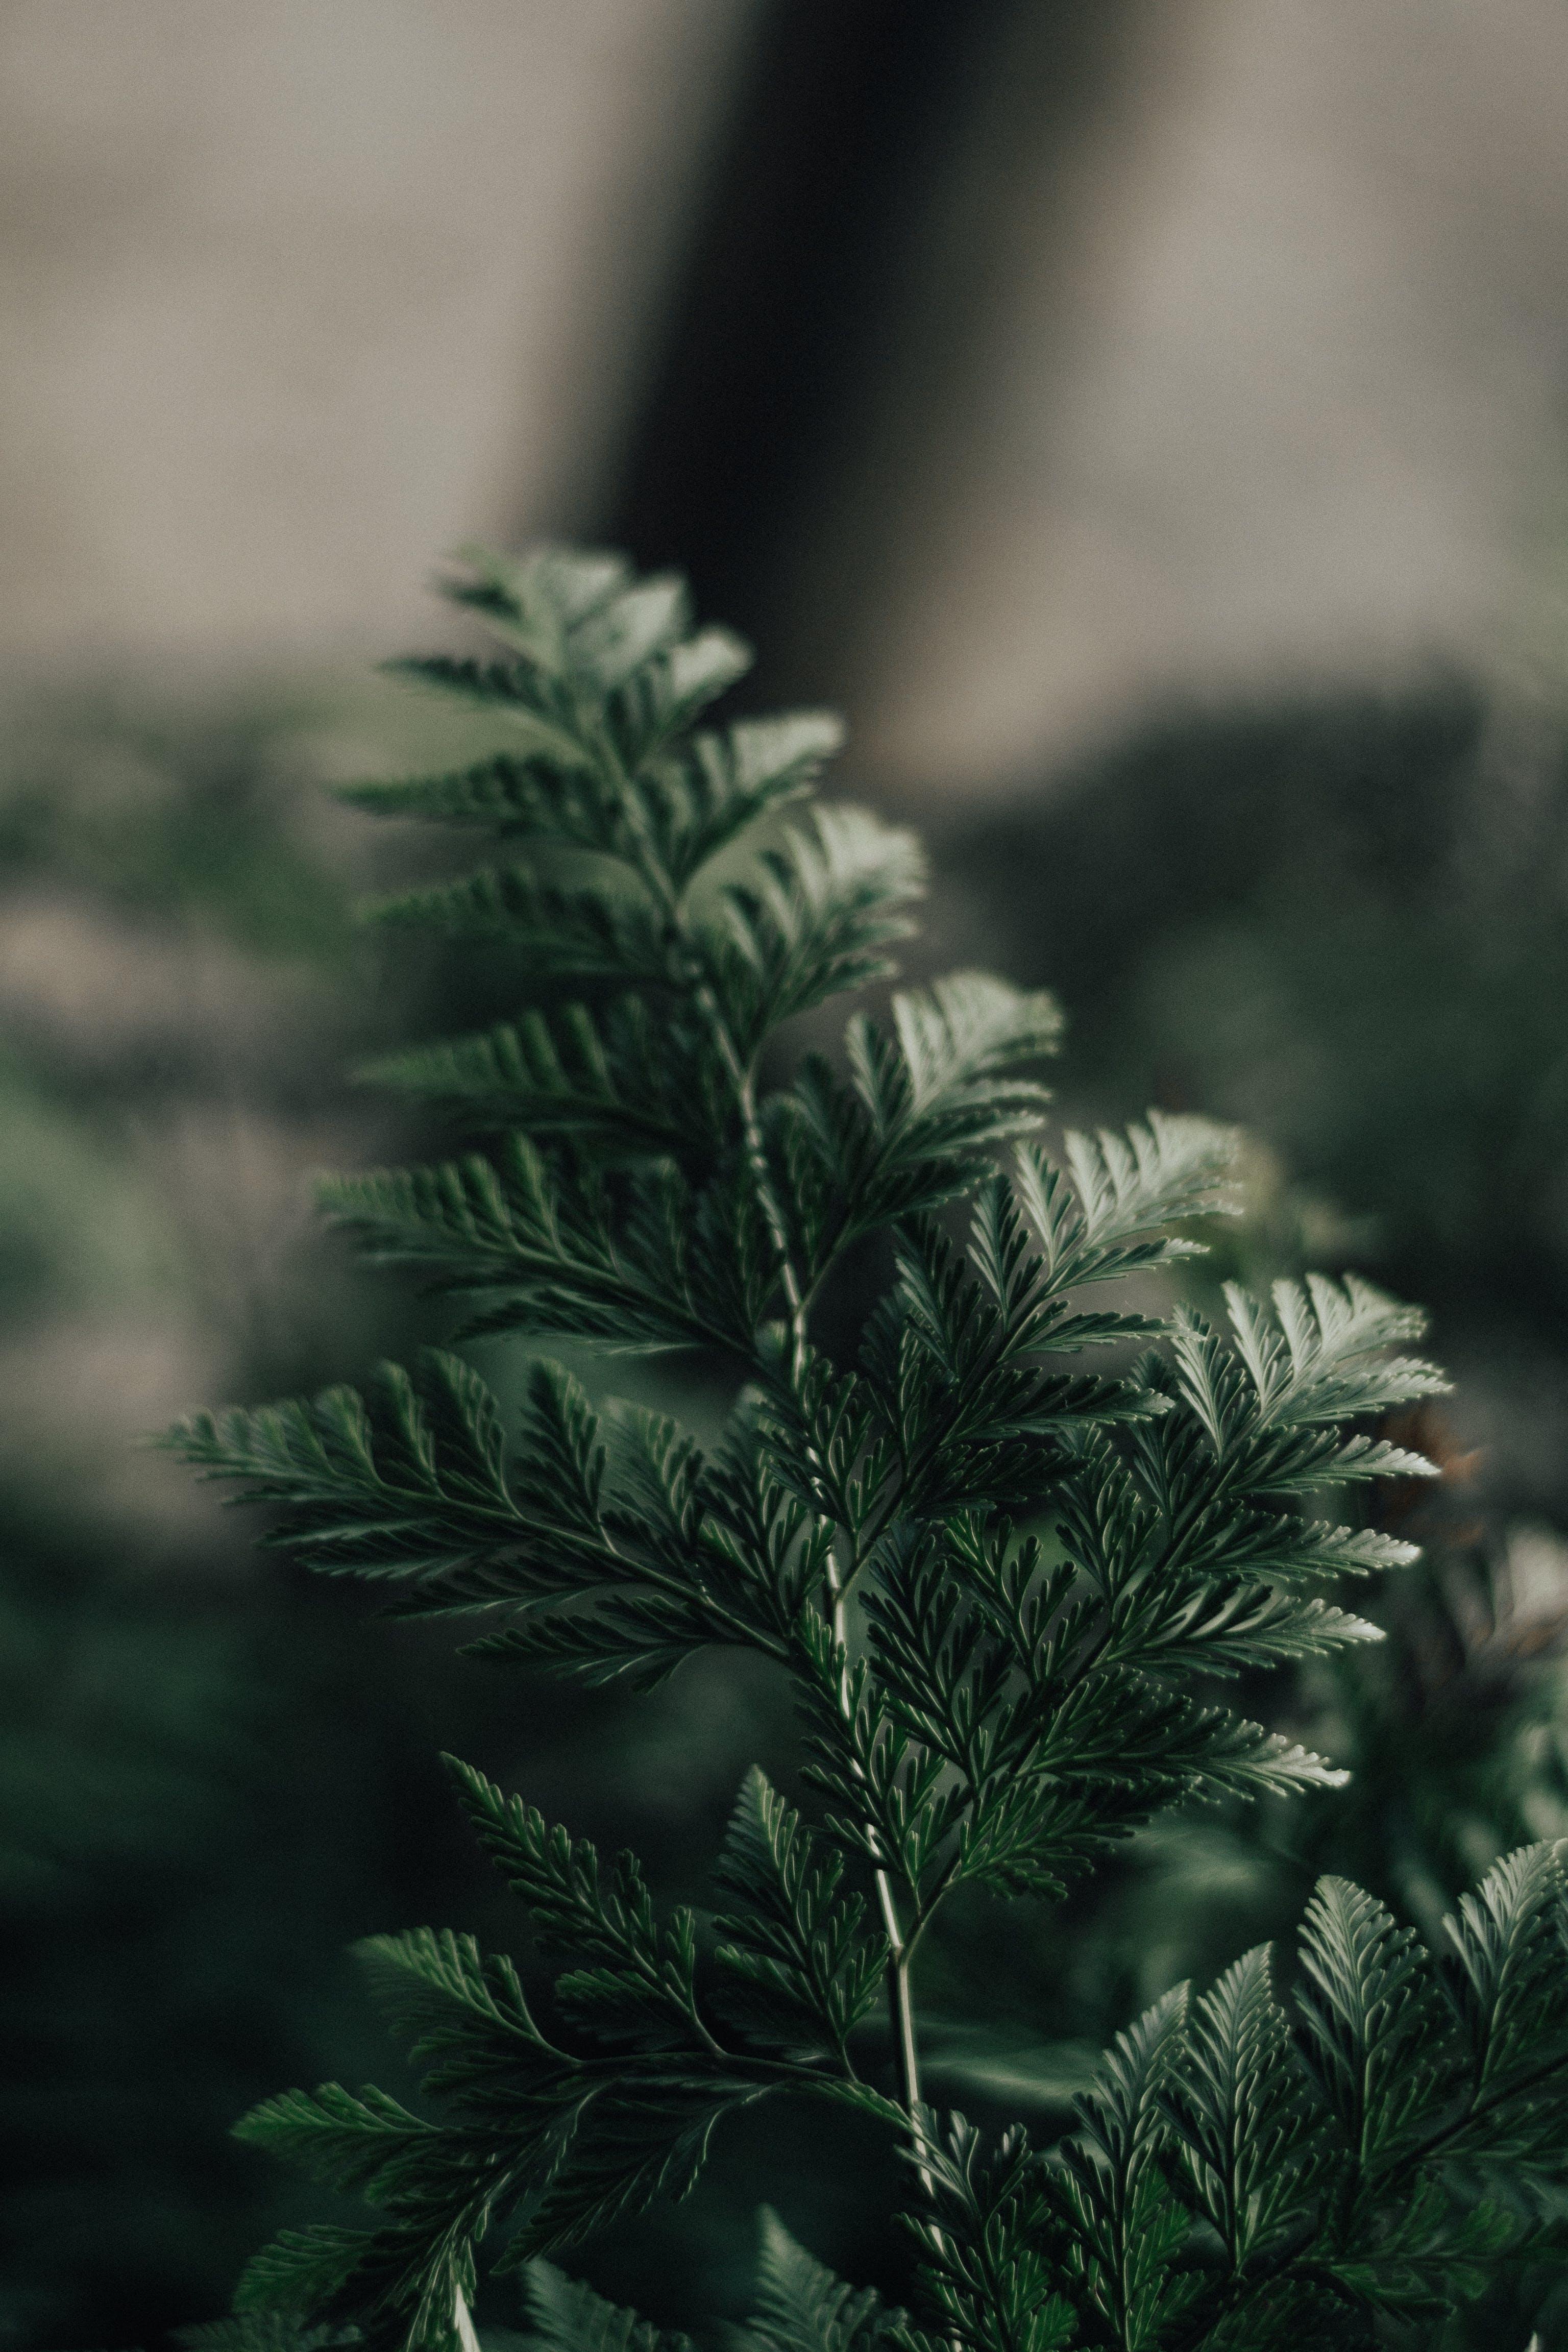 Gratis stockfoto met bloeiend, blurry achtergrond, botanisch, close-up